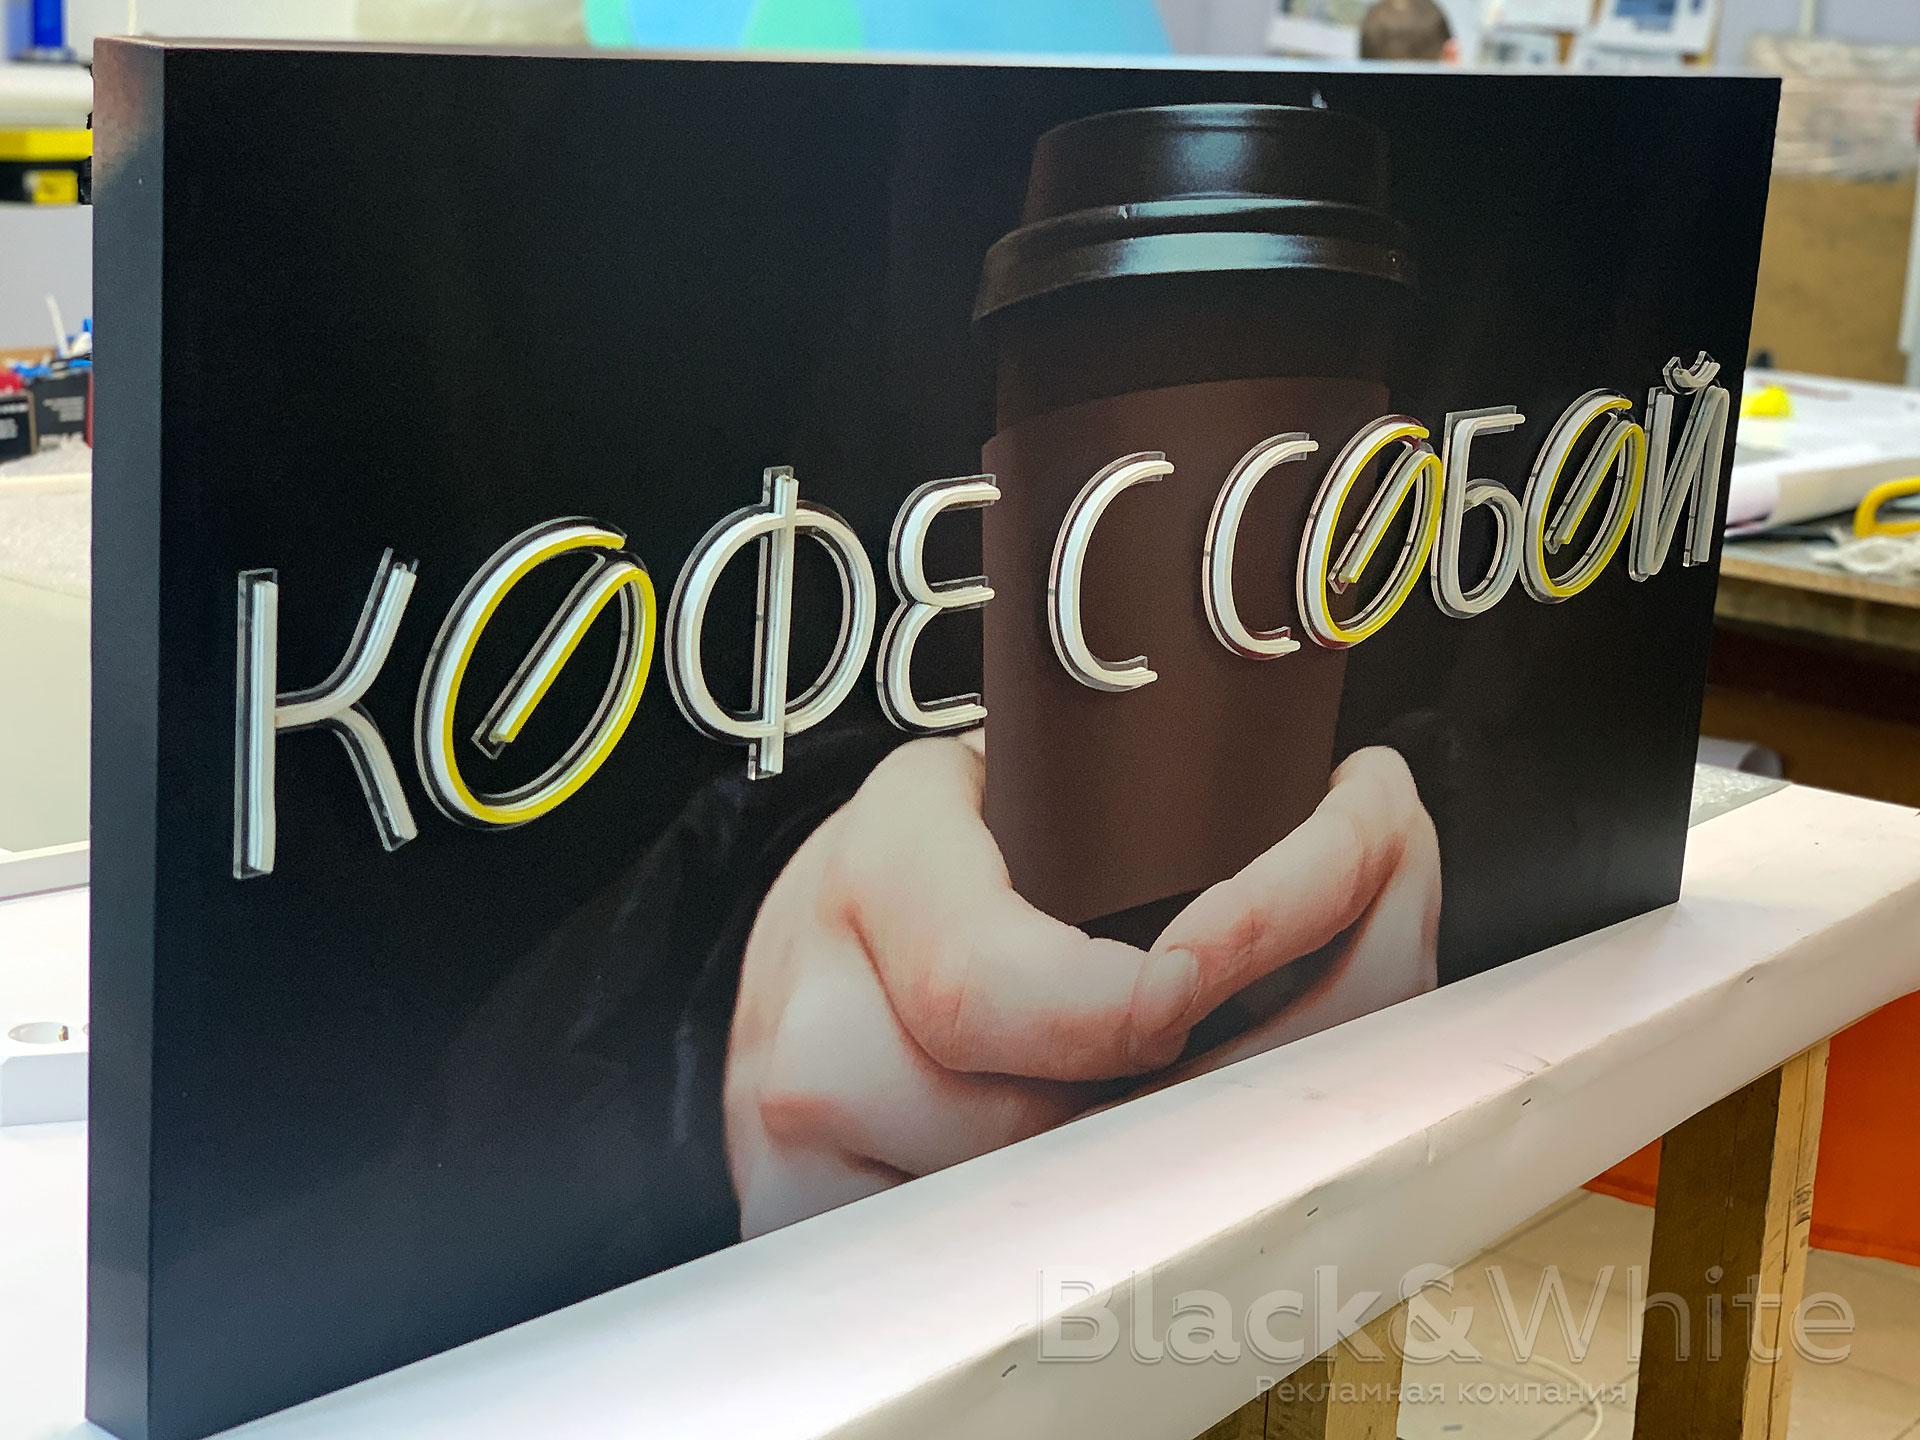 Неоновая-вывеска-Кофе-с-собой-изготовление-на-заказ-в-Красноярске.jpg